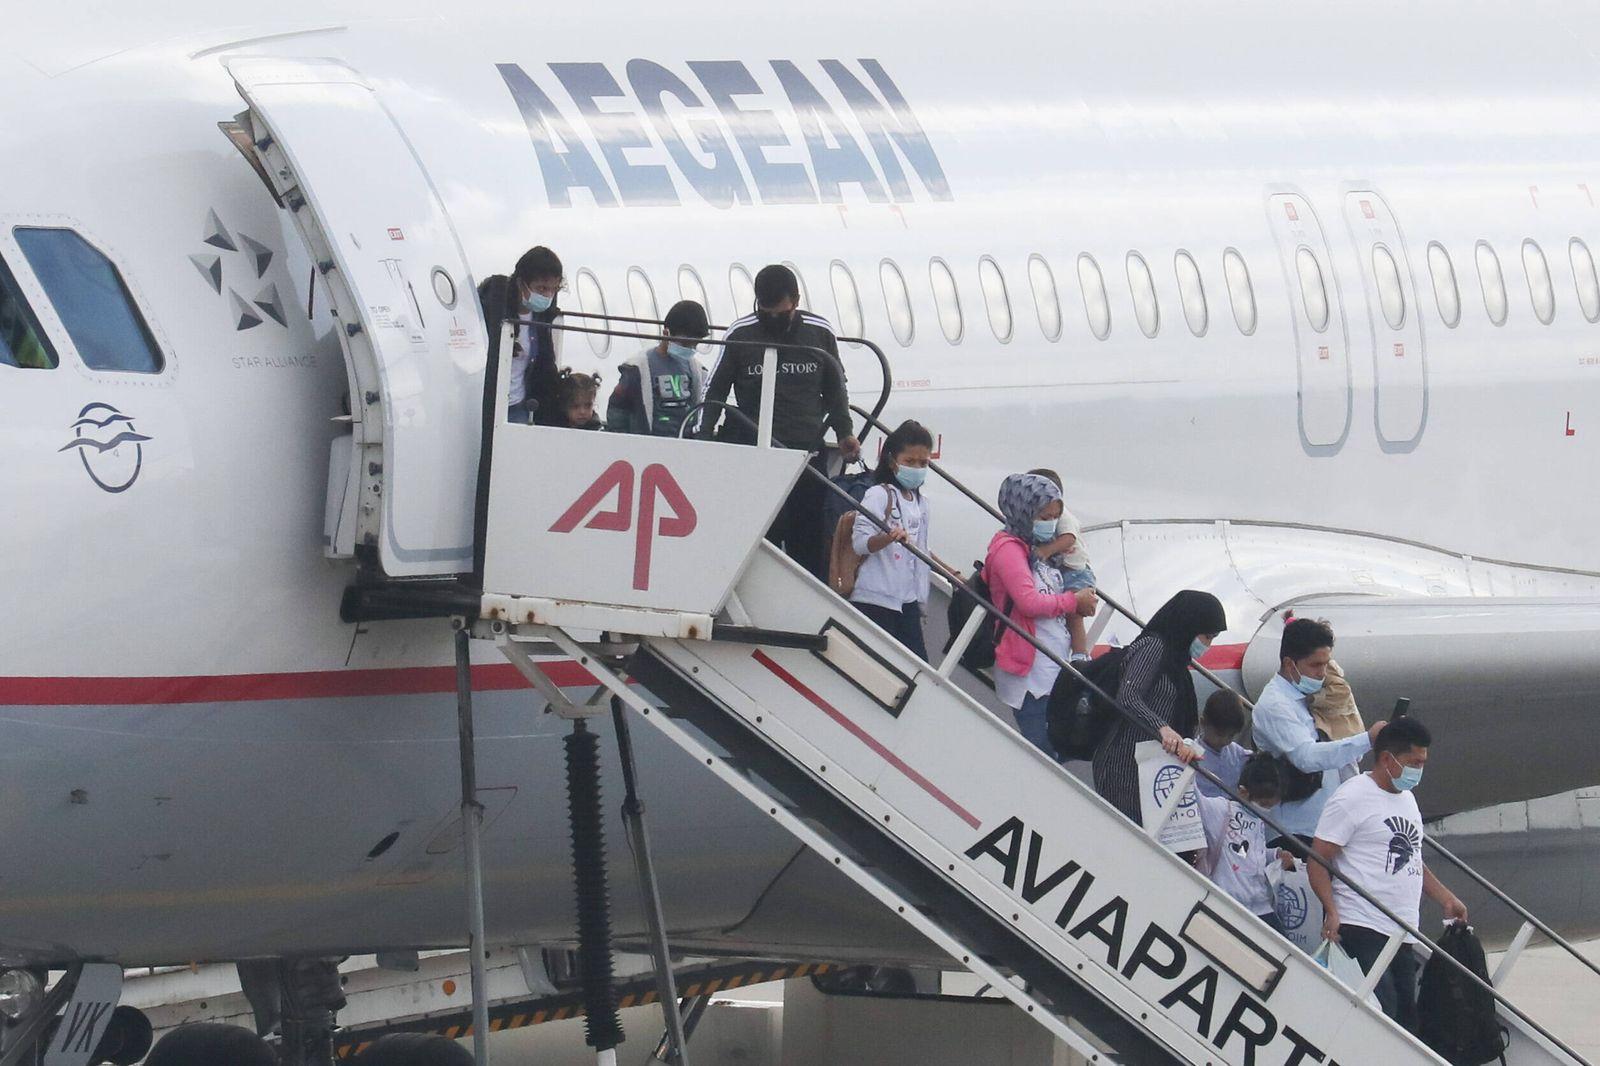 Niedersachsen, Hannover, 30.09.2020, Die ersten von bis zu 150 minderjährigen Migranten aus dem abgebrannten griechische